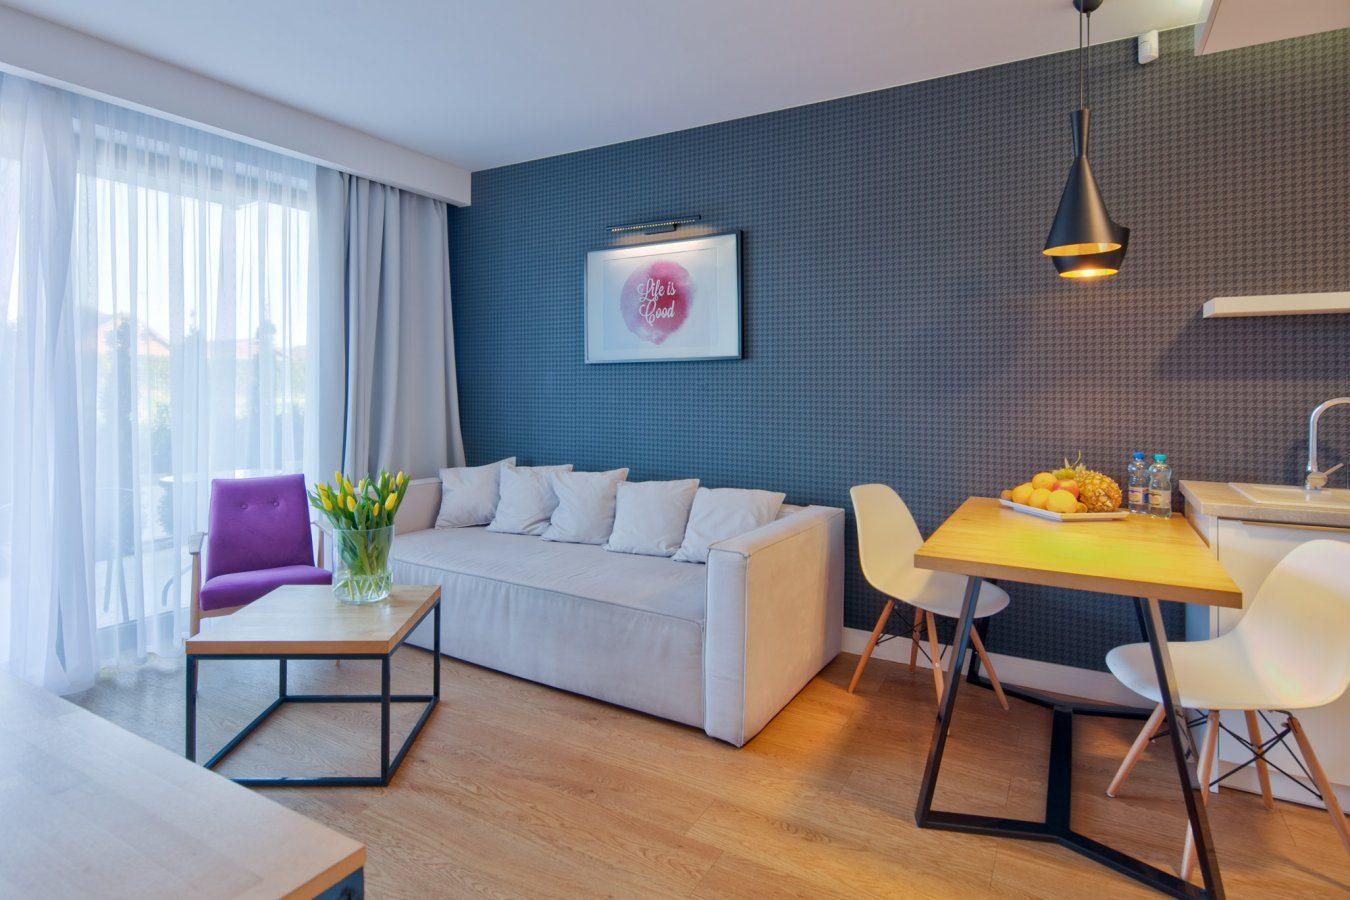 mielenko-hotel-baltin-fot-piotr-krajewski-1-jpg-lq_092_W_3K2A1786